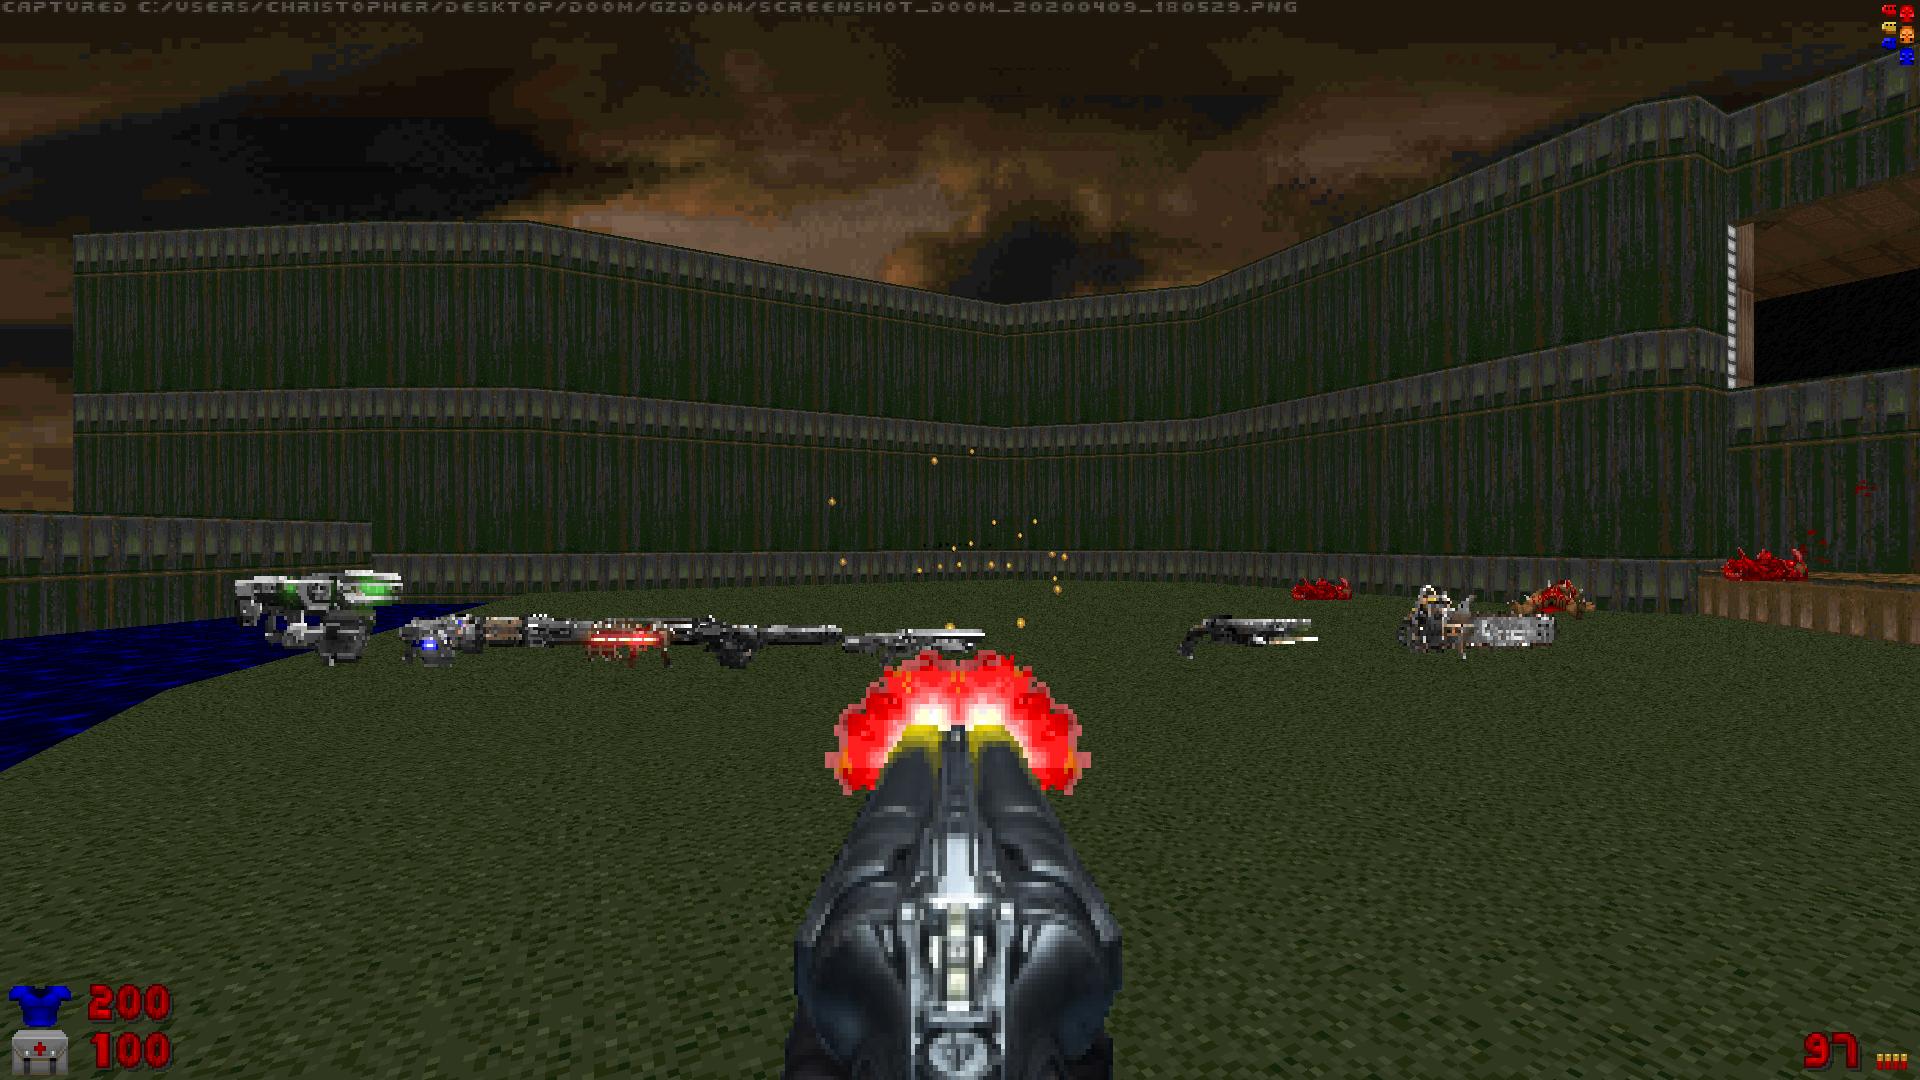 Screenshot_Doom_20200409_180532.png.51dbae1d23a7eff61f0c70942ef84a6d.png